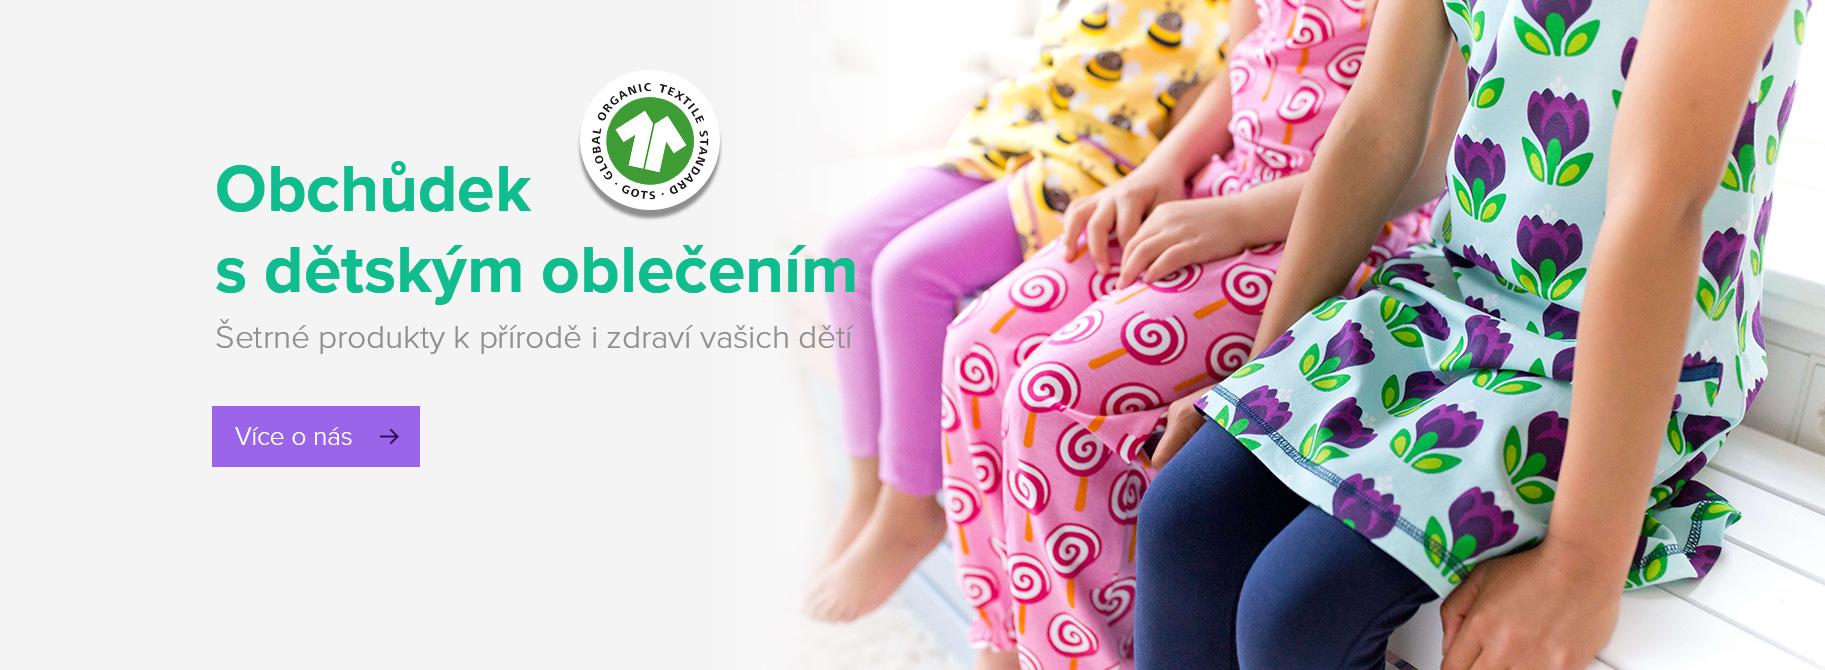 Obchůdek s dětským a kojeneckým oblečením